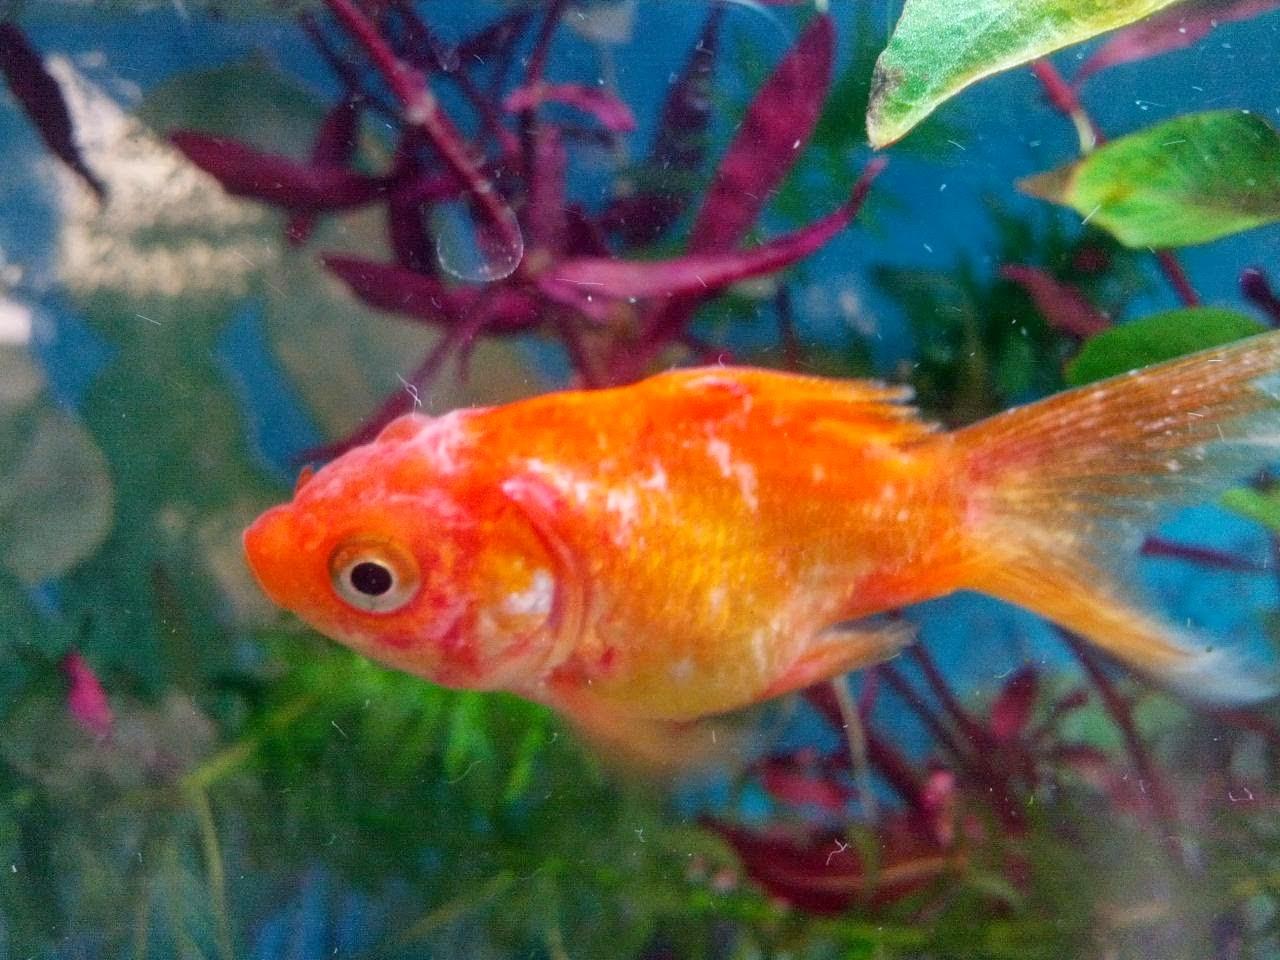 Acuariofilia total enfermedades y remedios de peces for Enfermedades de peces goldfish